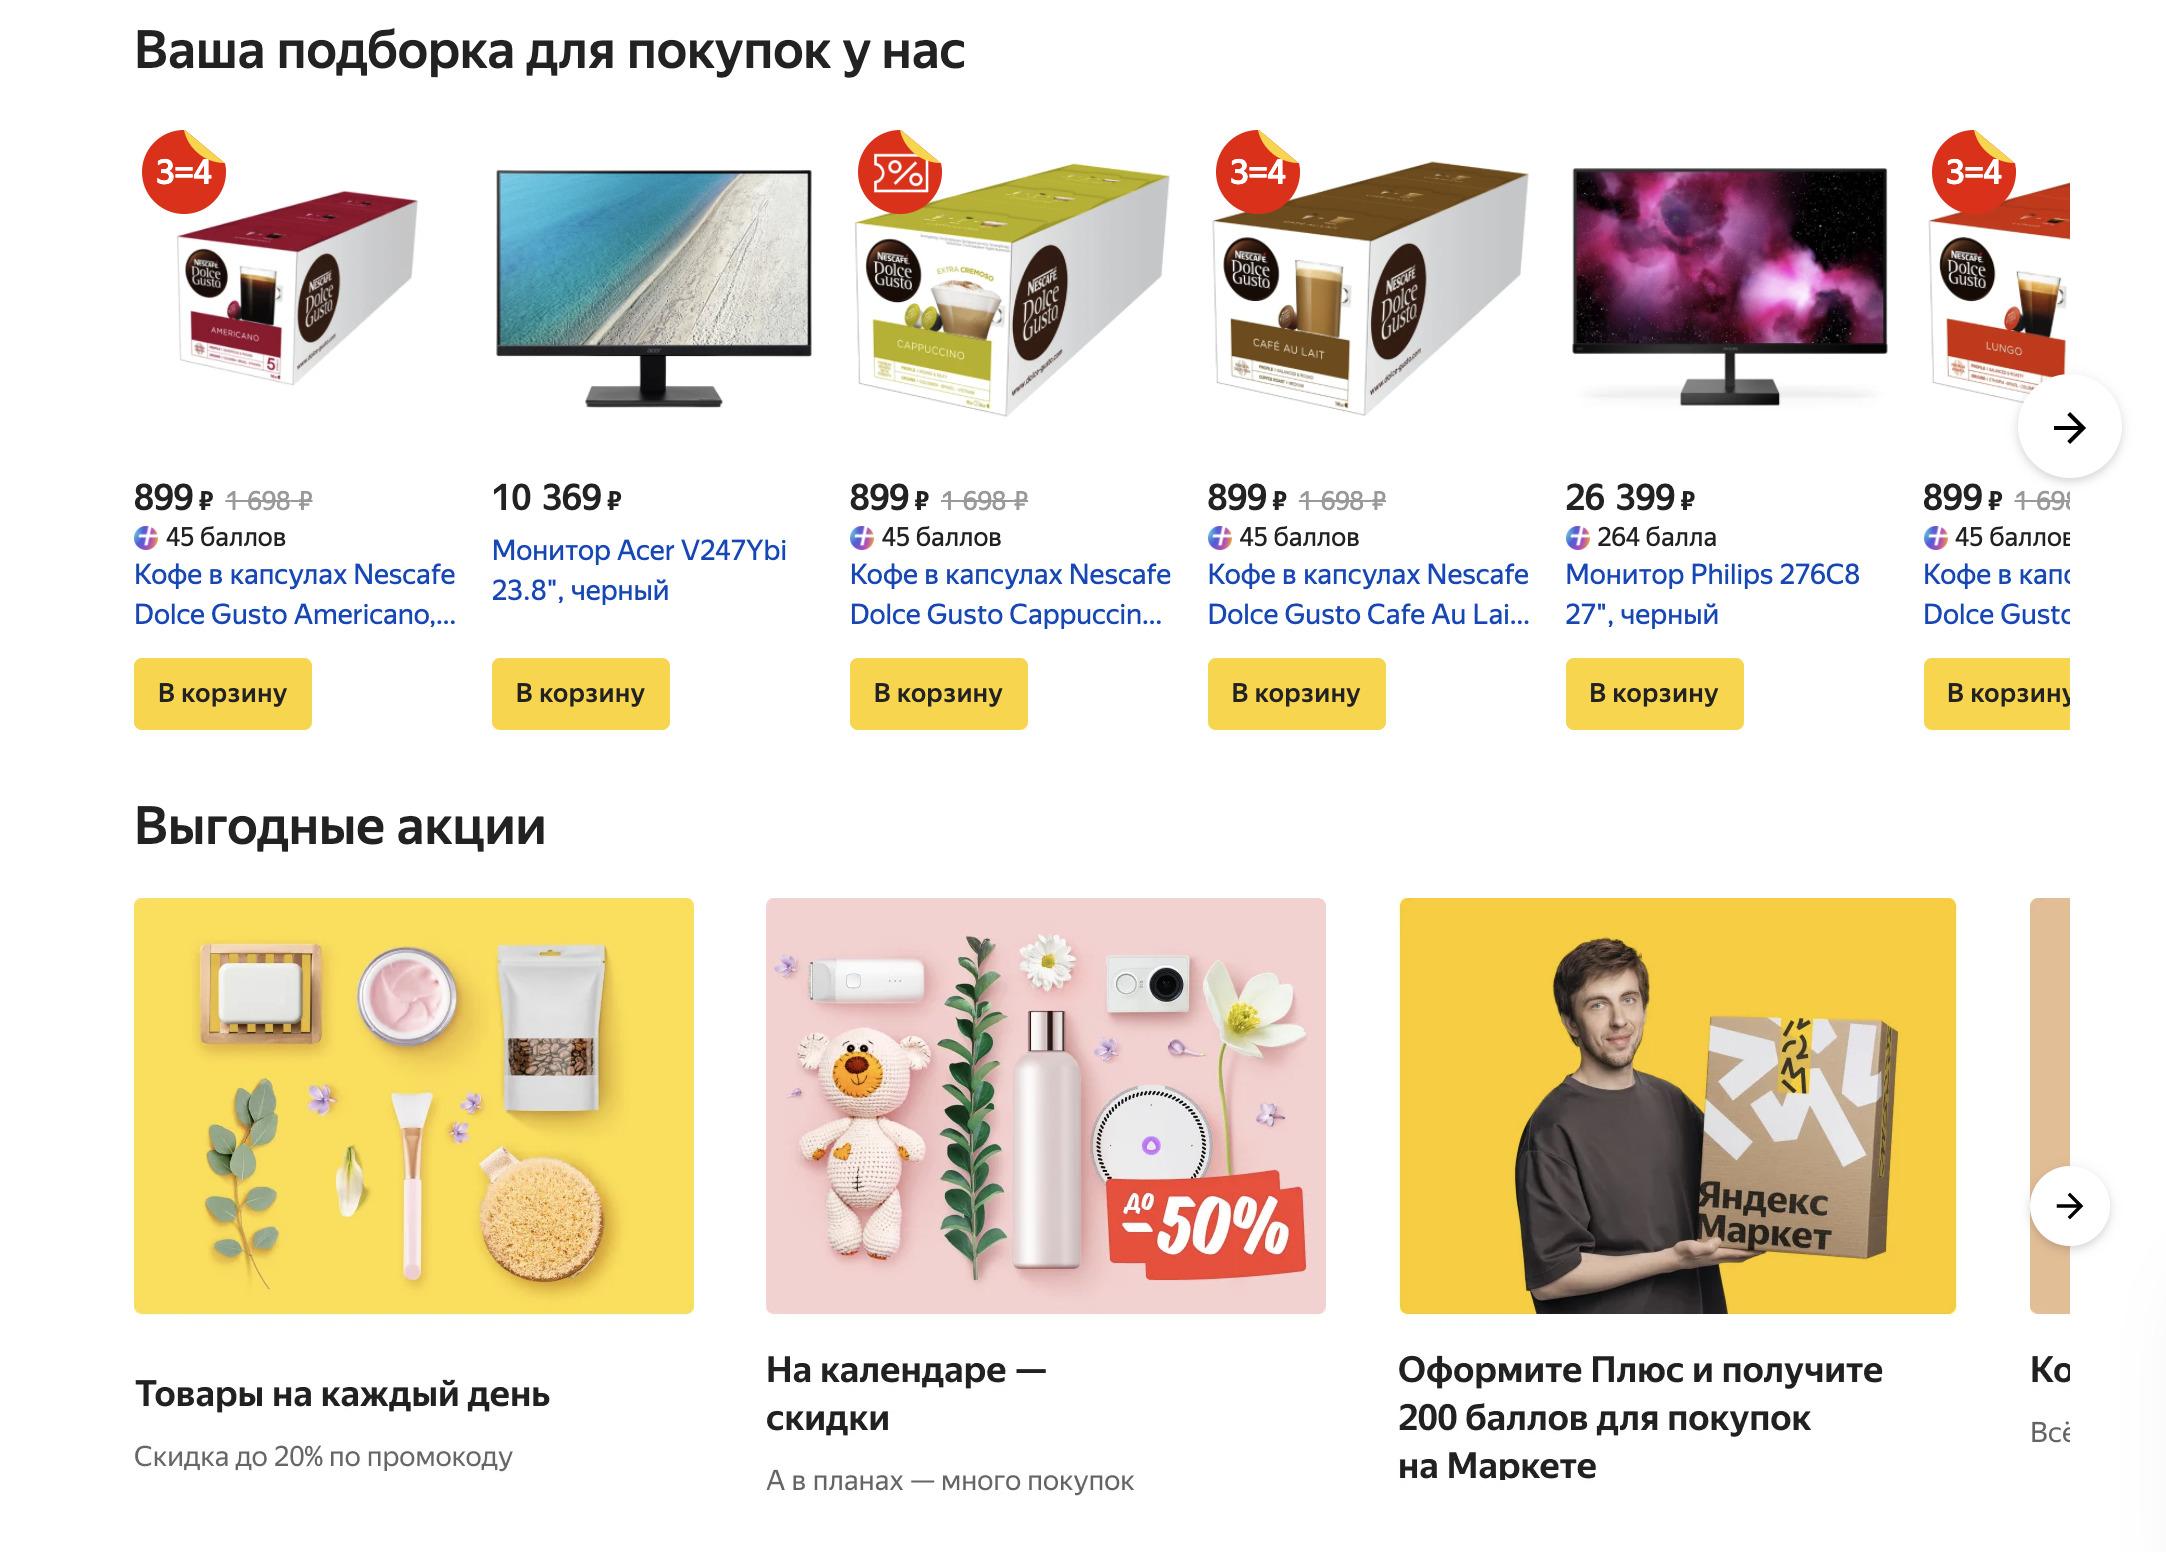 Доставка из Яндекс.Маркет в Нефтекамск, сроки, пункты выдачи, каталог